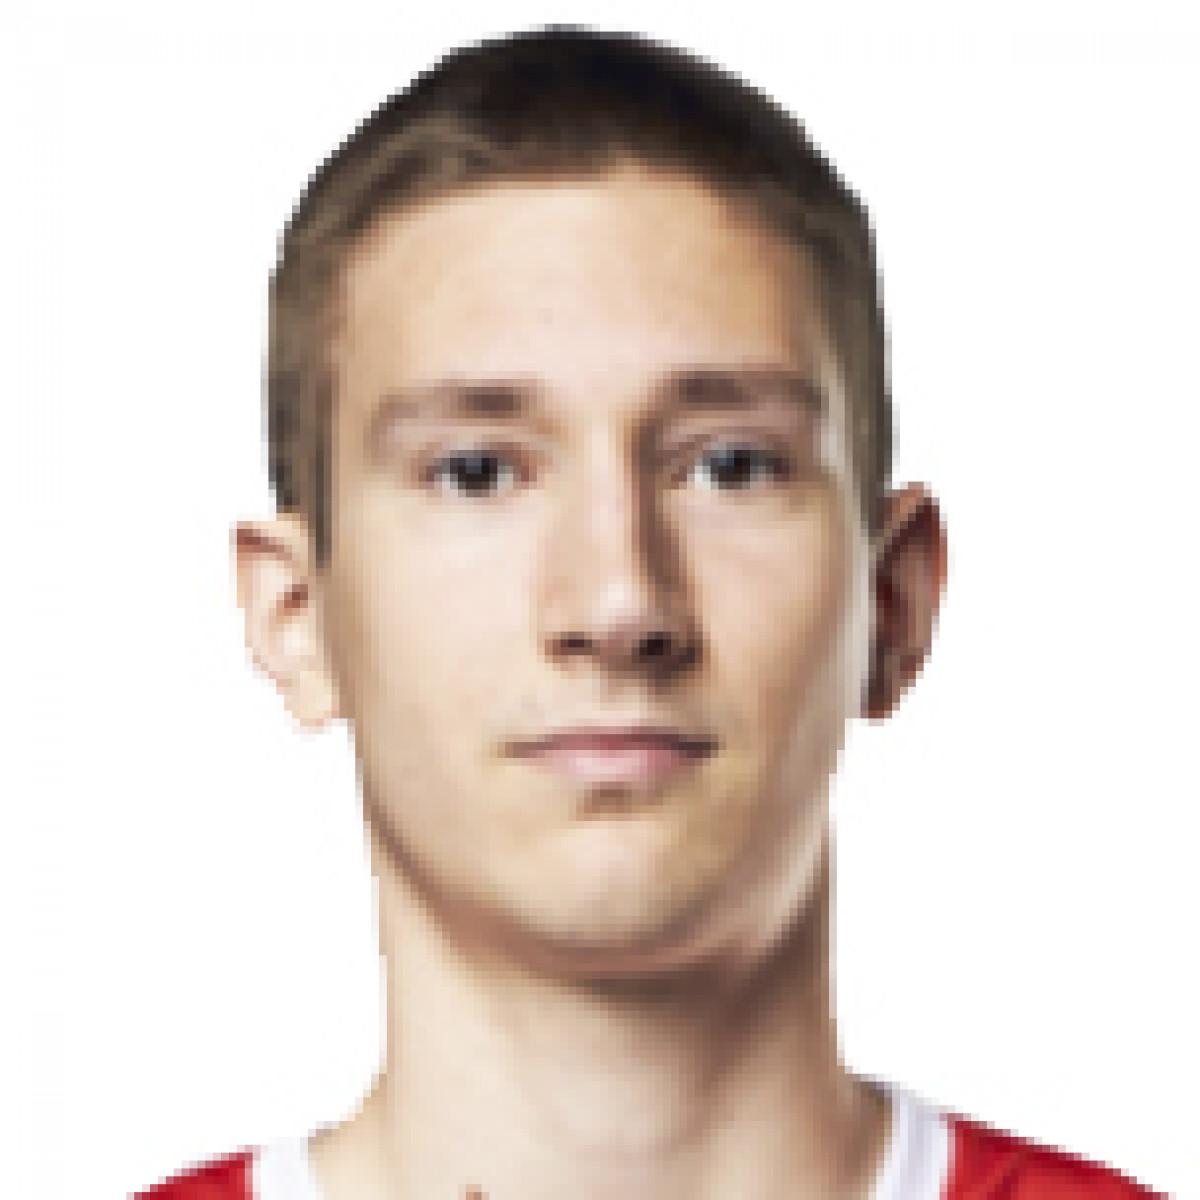 Jens Grossmann